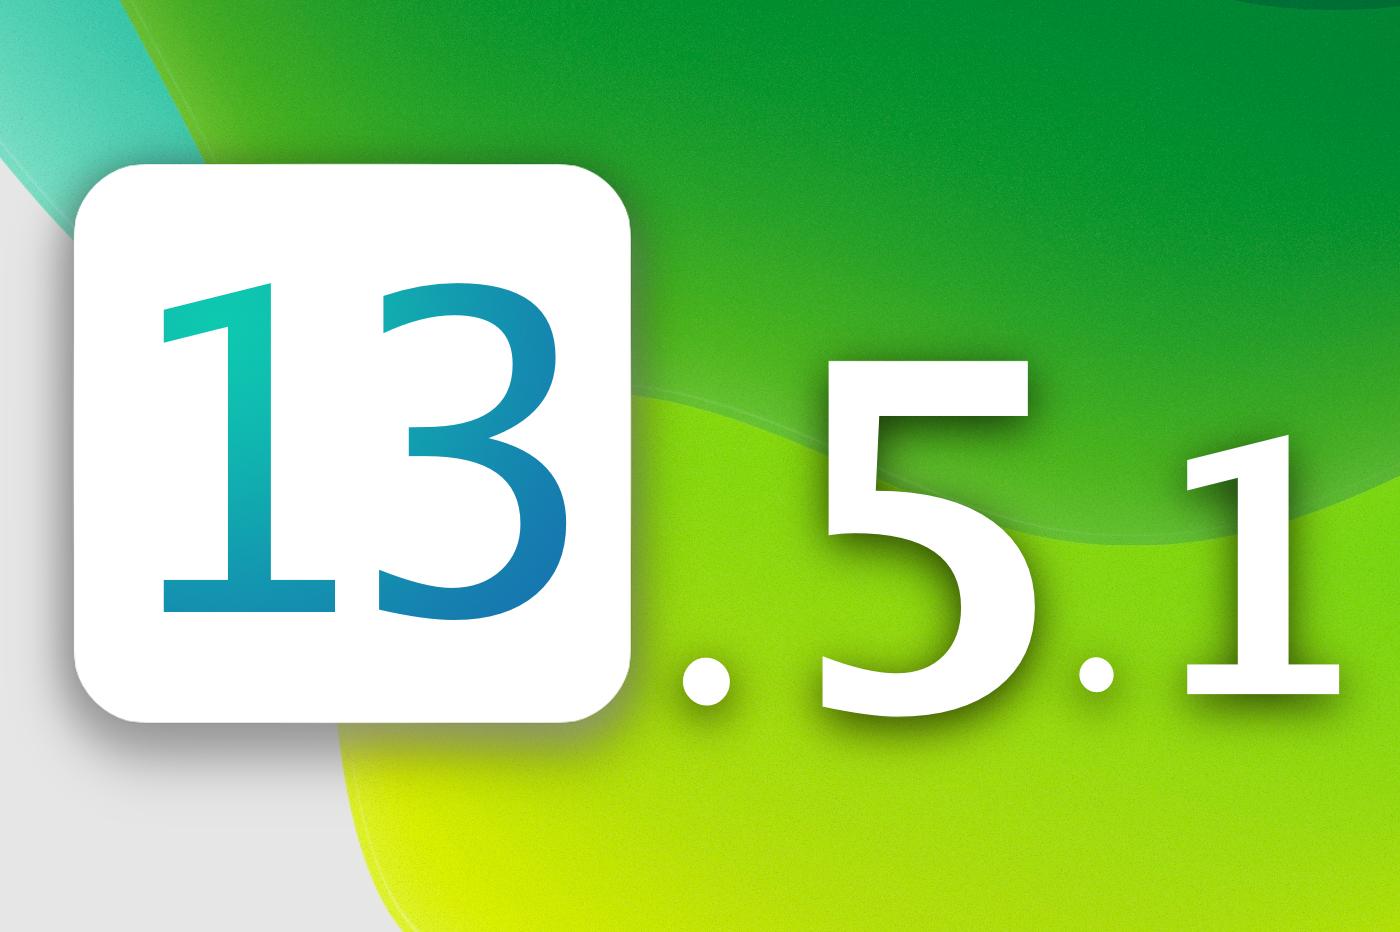 iOS 13.5.1